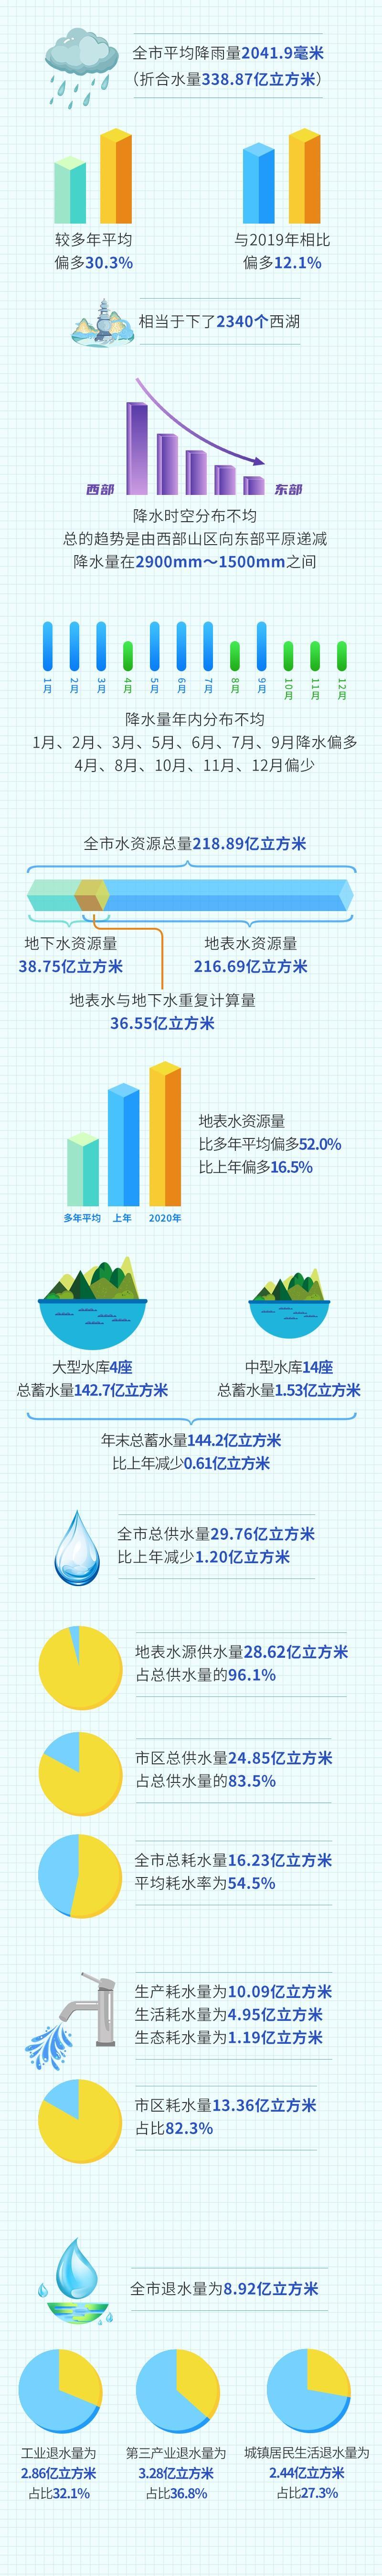 杭州发布2021年六大节水行动!